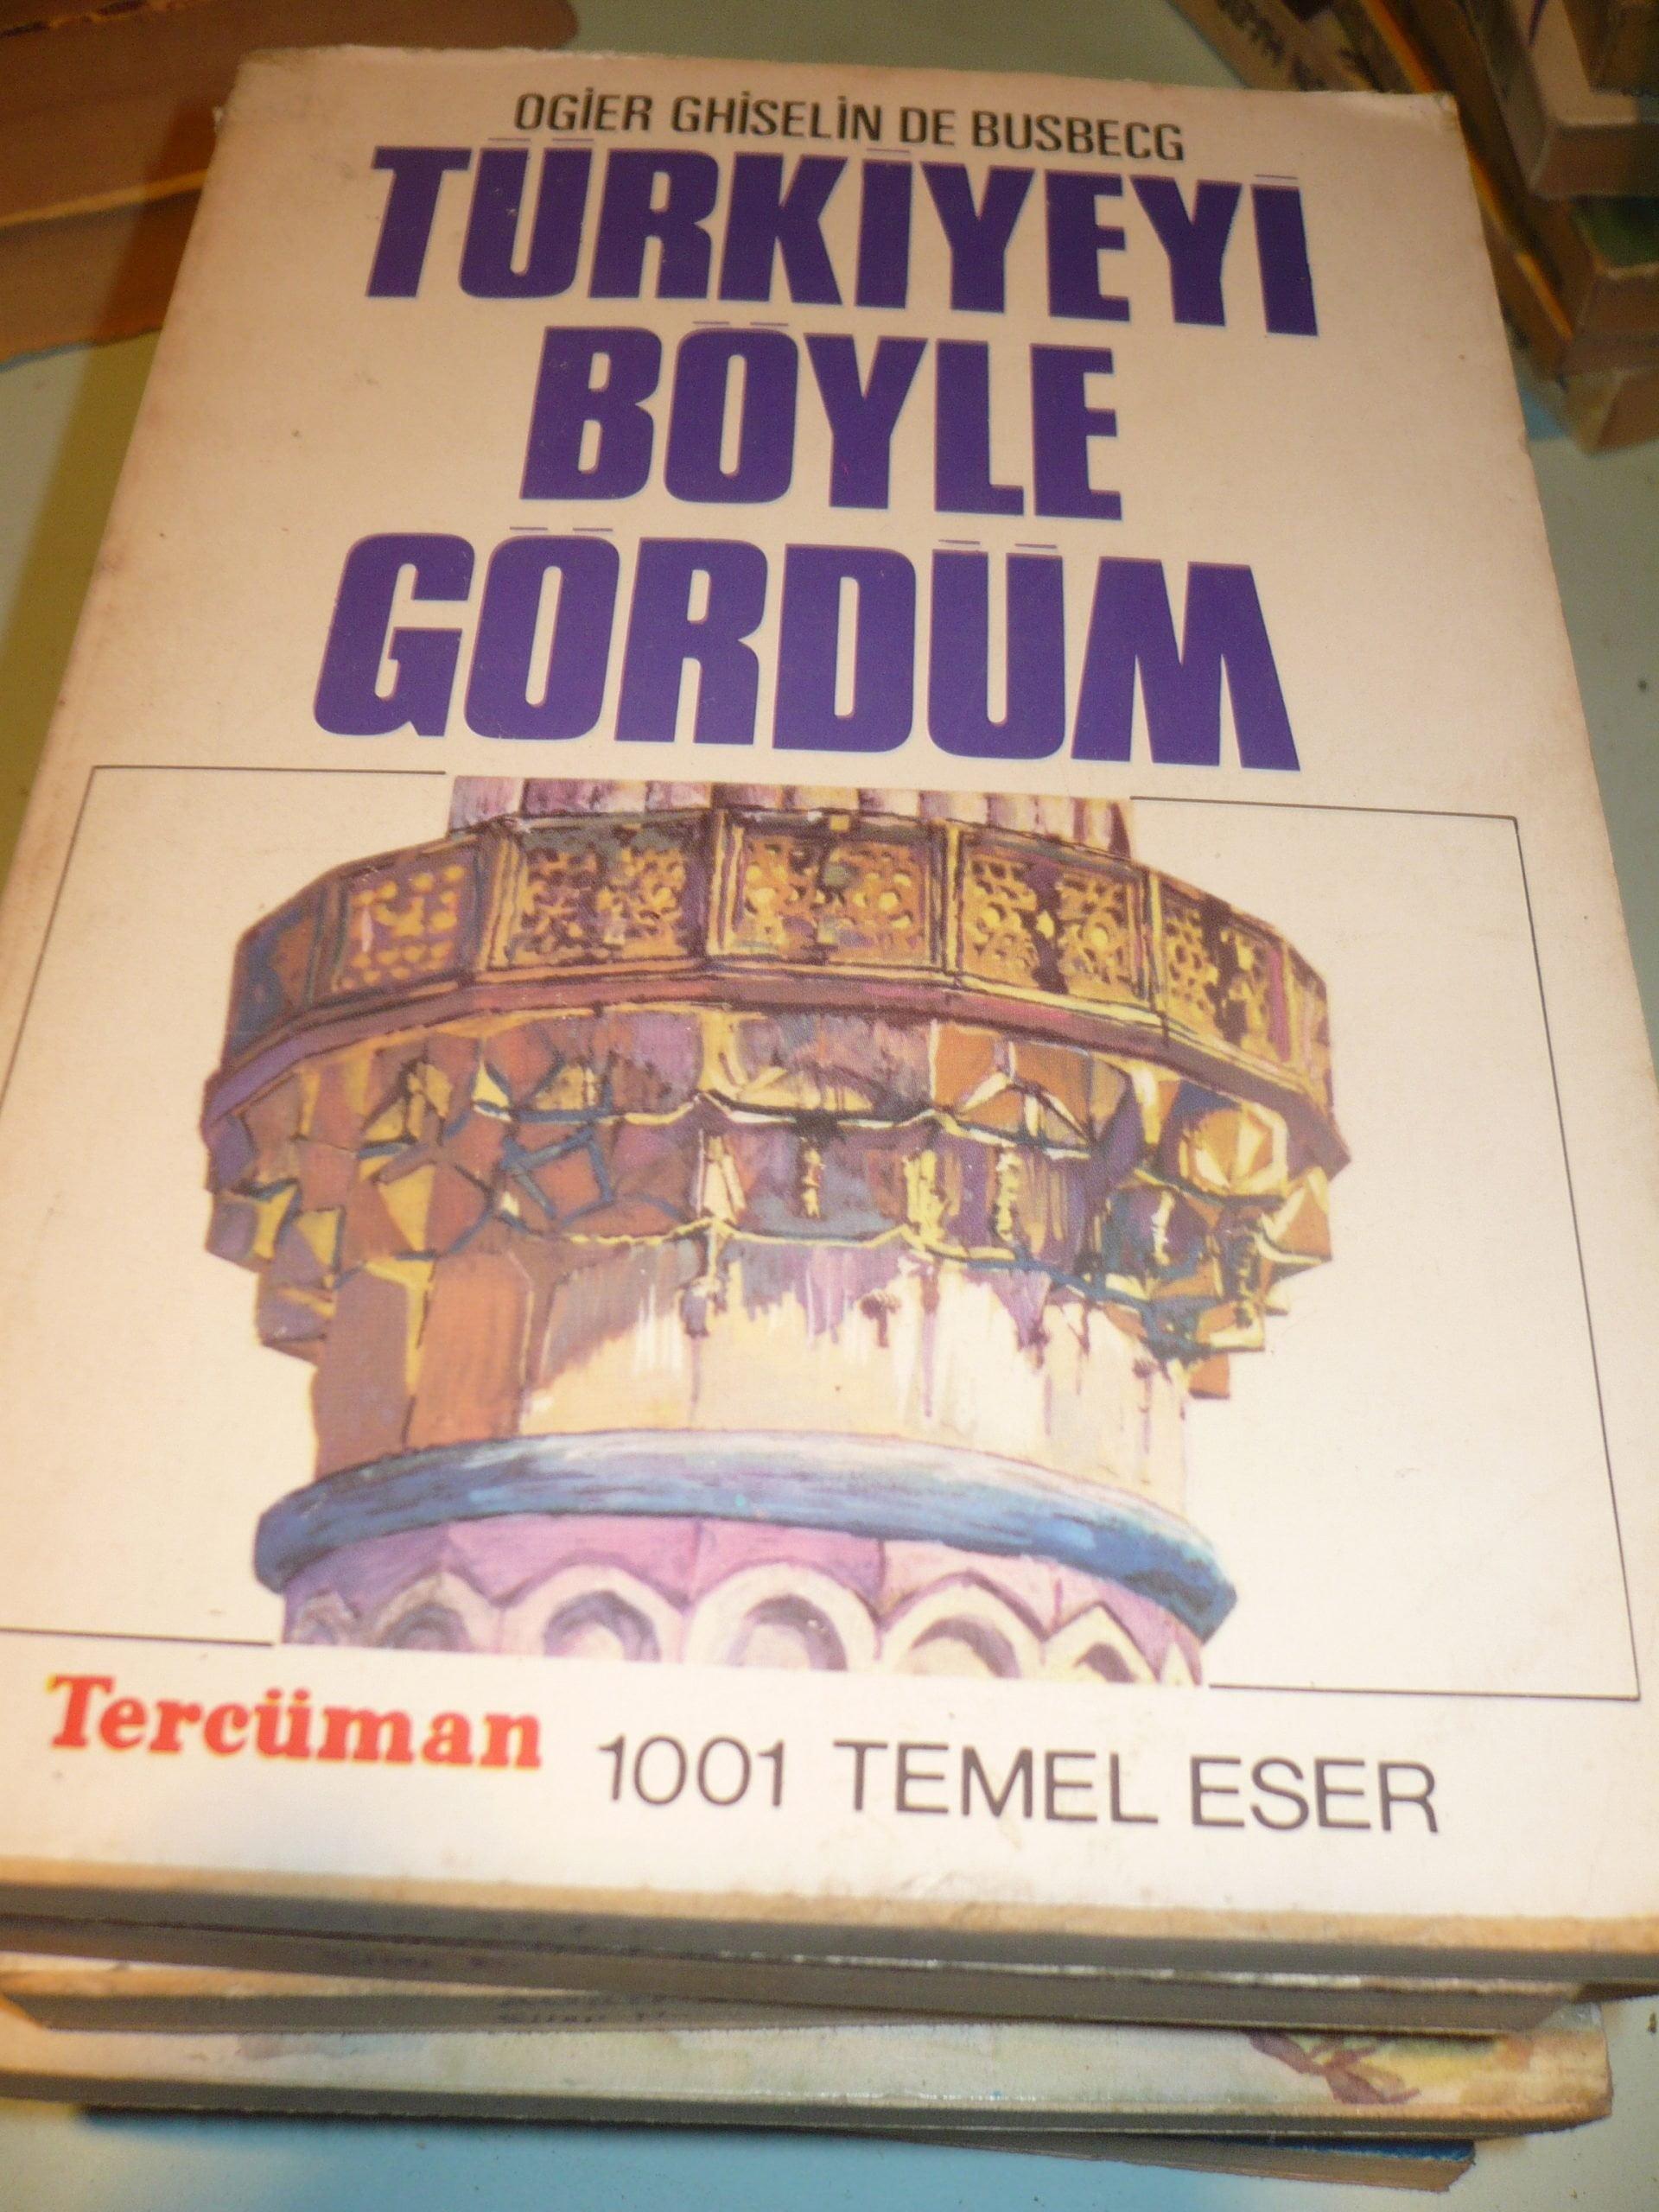 TÜRKİYE'Yİ BÖYLE GÖRDÜM/ Ogiler Ghislain De Busbecq